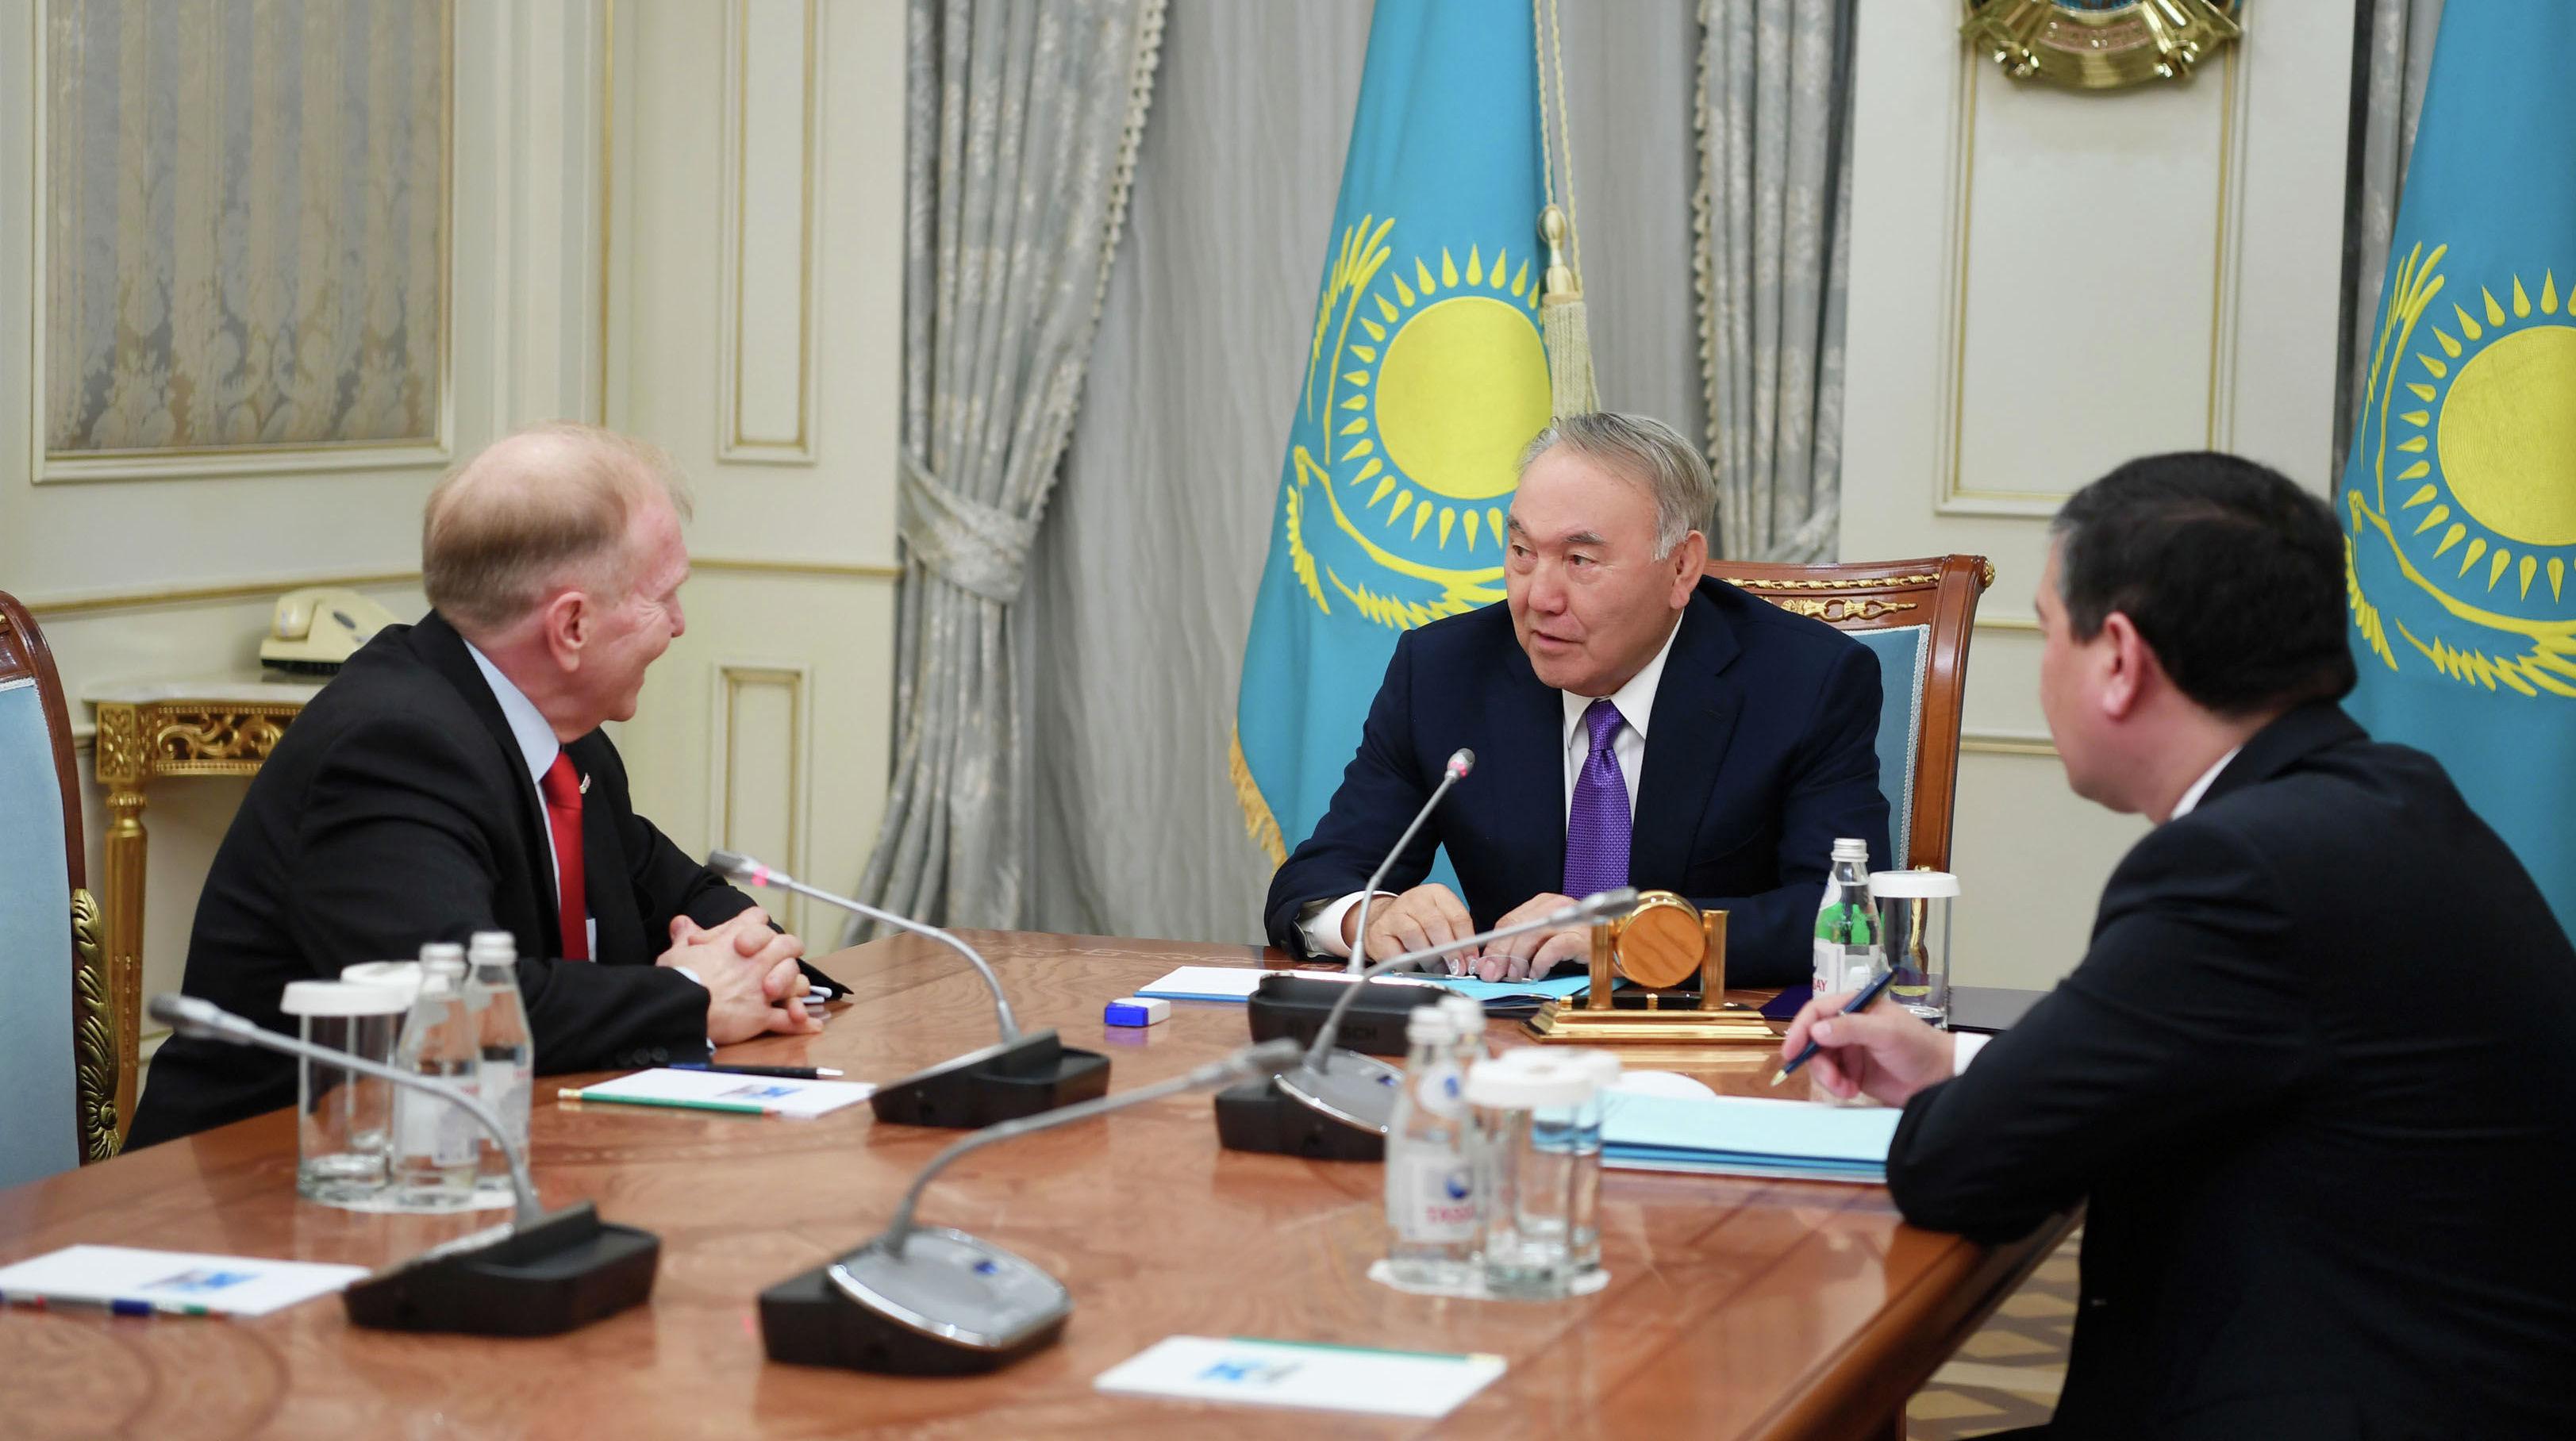 Елбасы Нурсултан Назарбаев встретился с Чрезвычайным и Полномочным послом США в Казахстане Уильямом Мозером